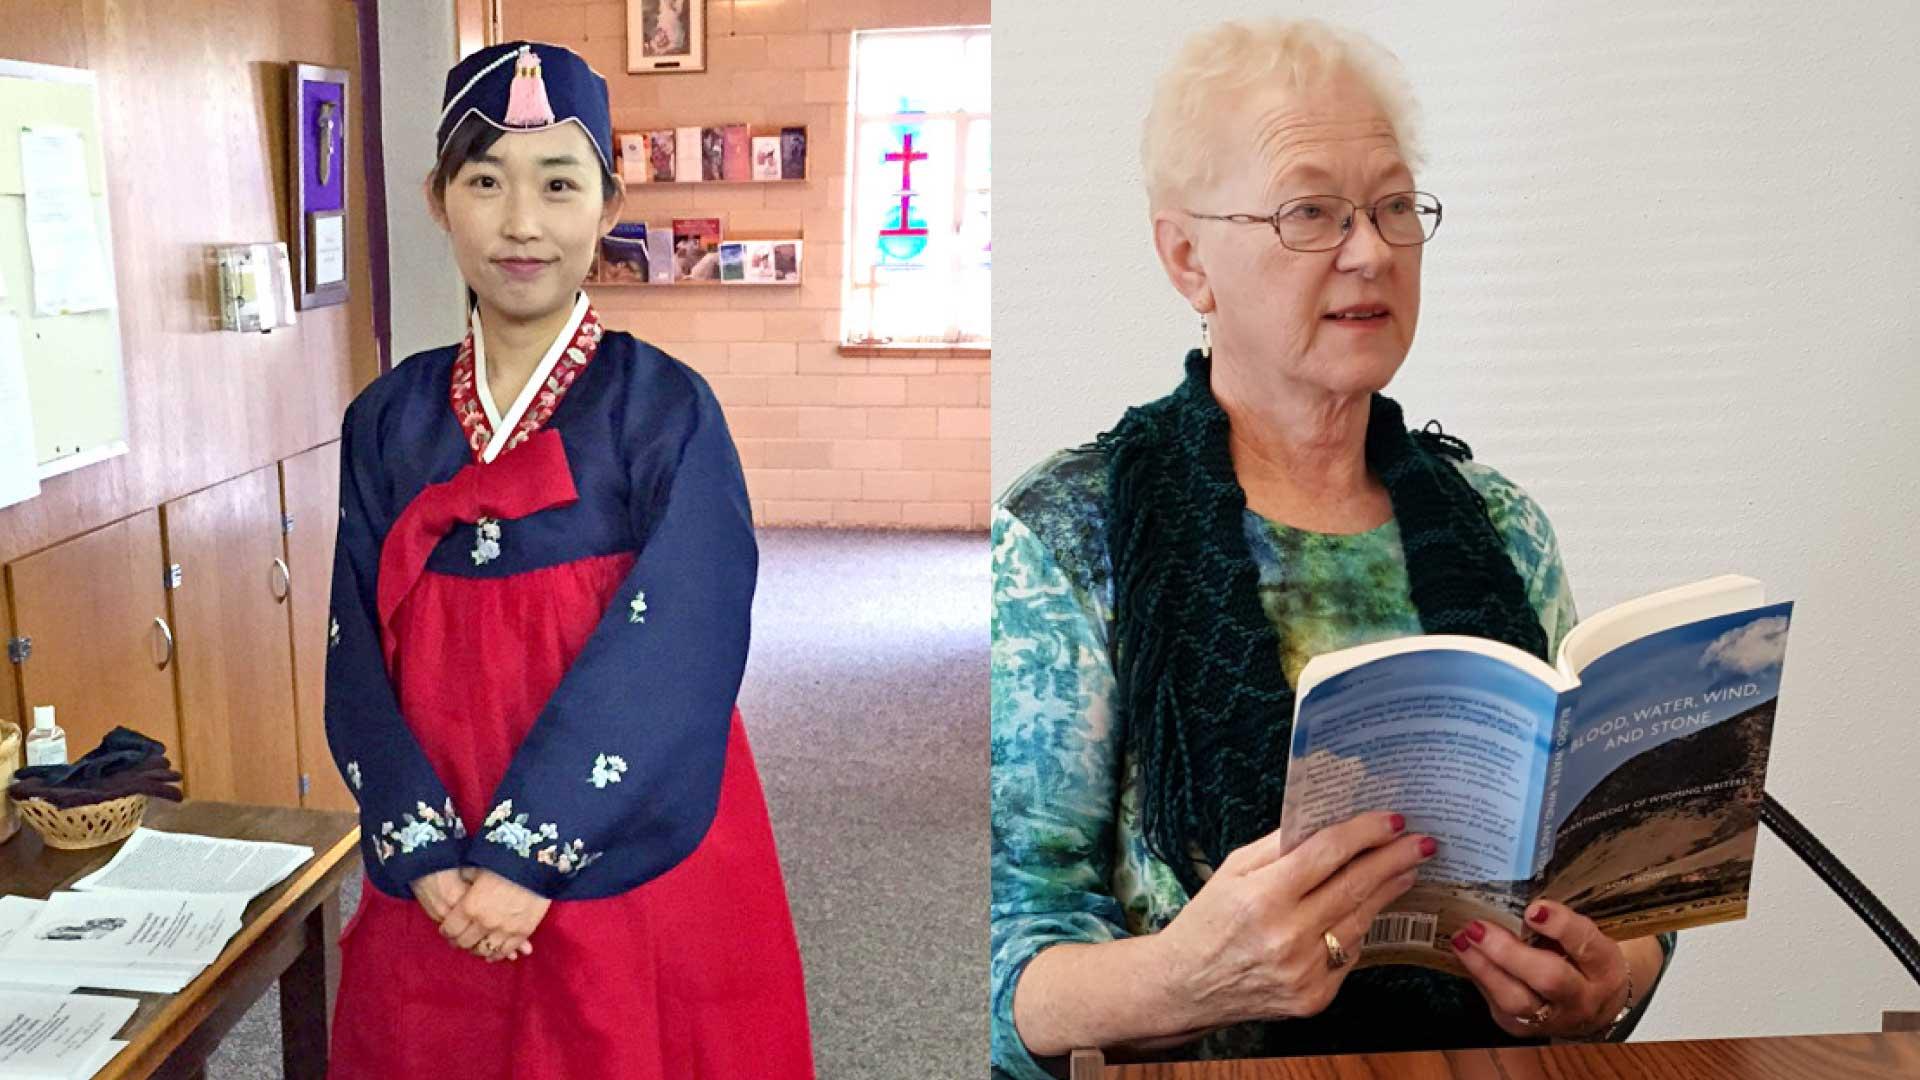 Eun Seon Kim + Barbara Smith